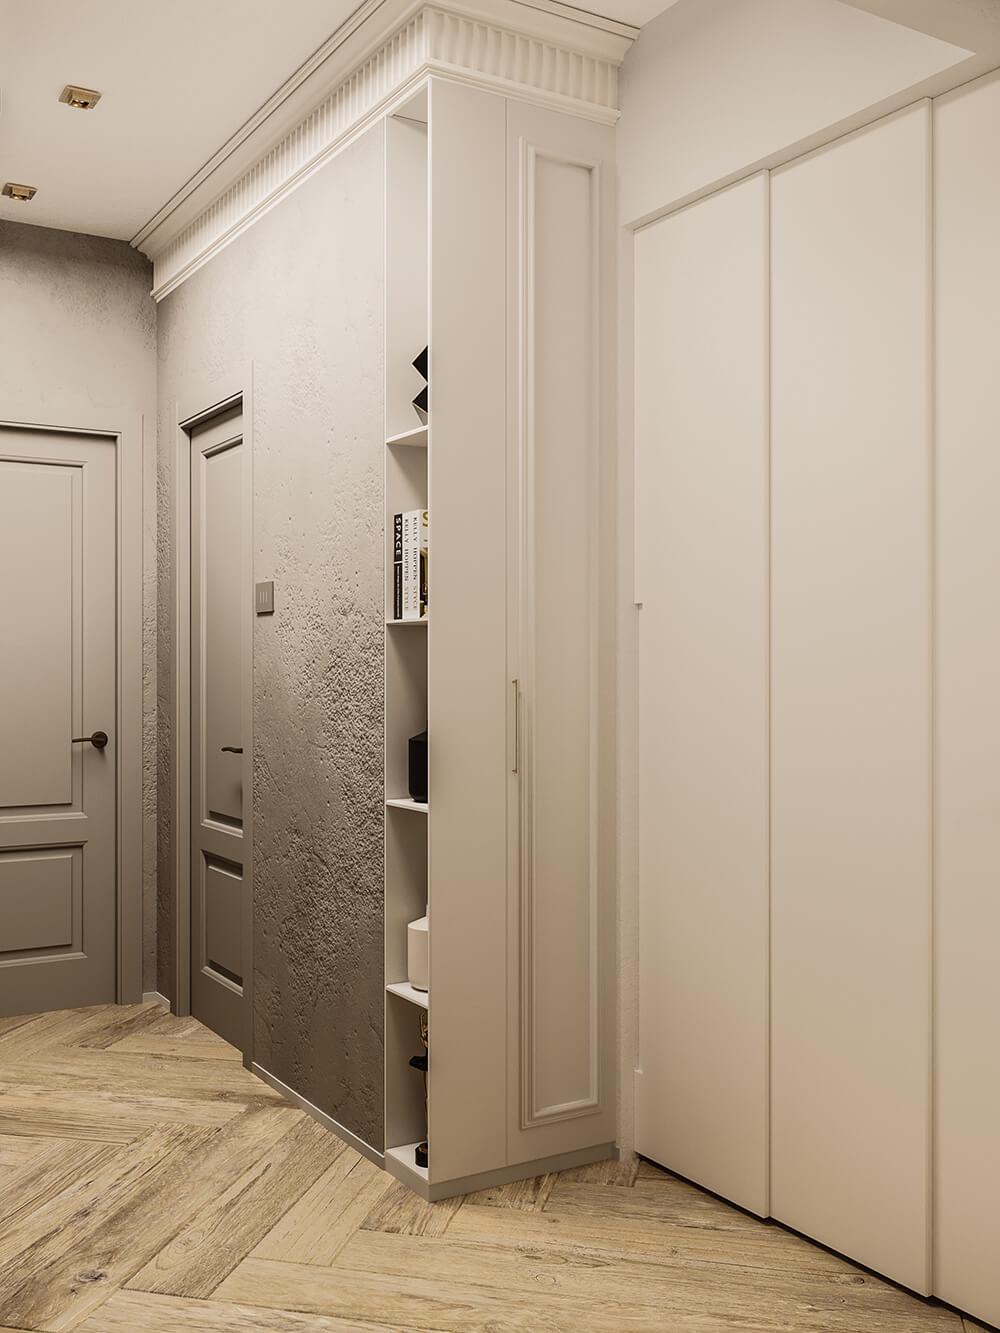 interioren-dizain-proekt-na-koridor-po-porushka-esteta-design